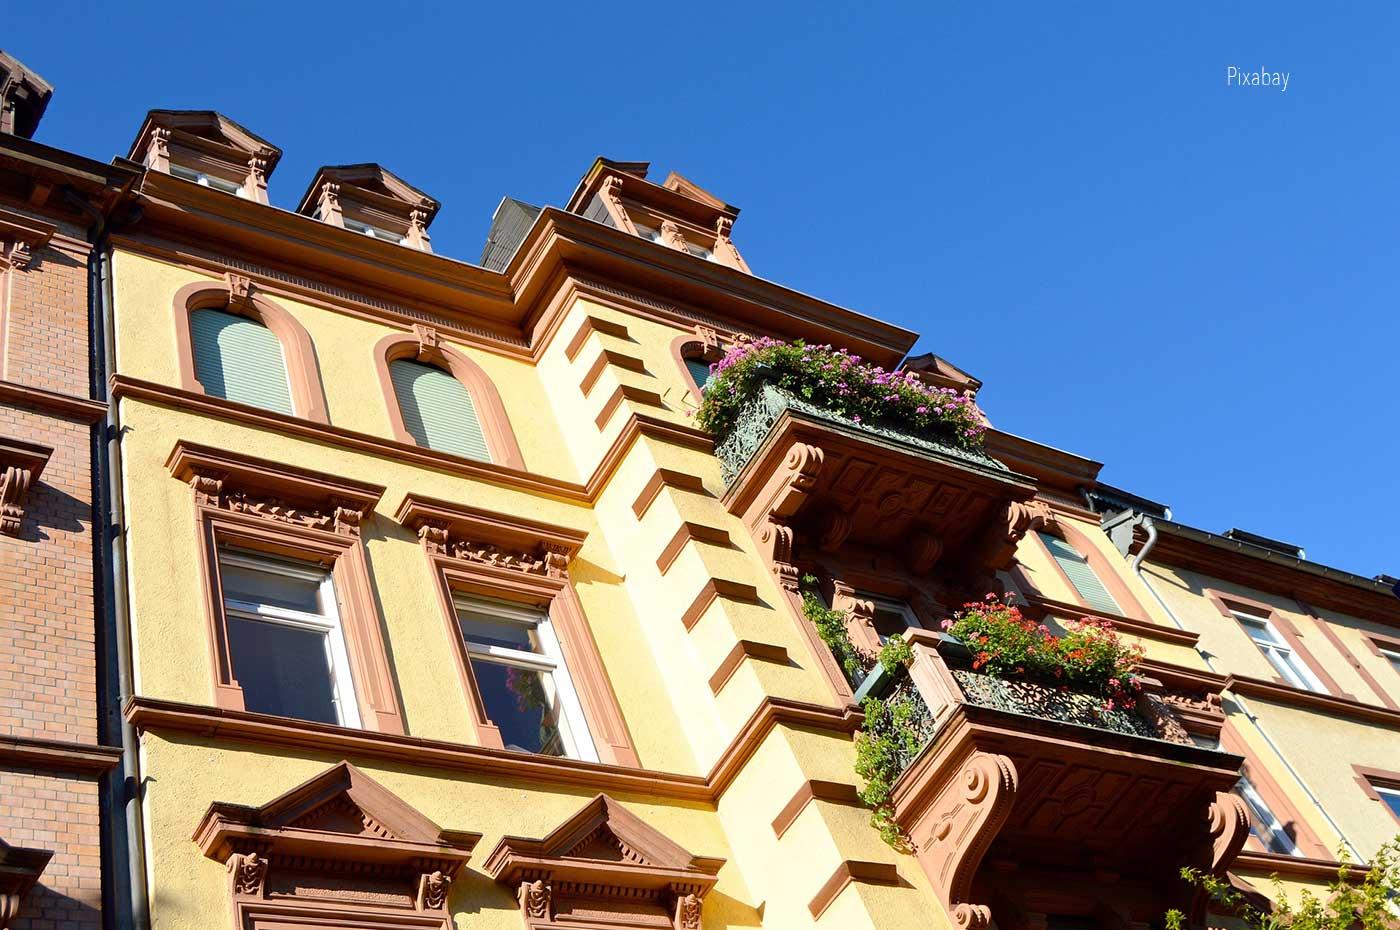 Häuserfront, Webdesign für eine Hausverwaltung